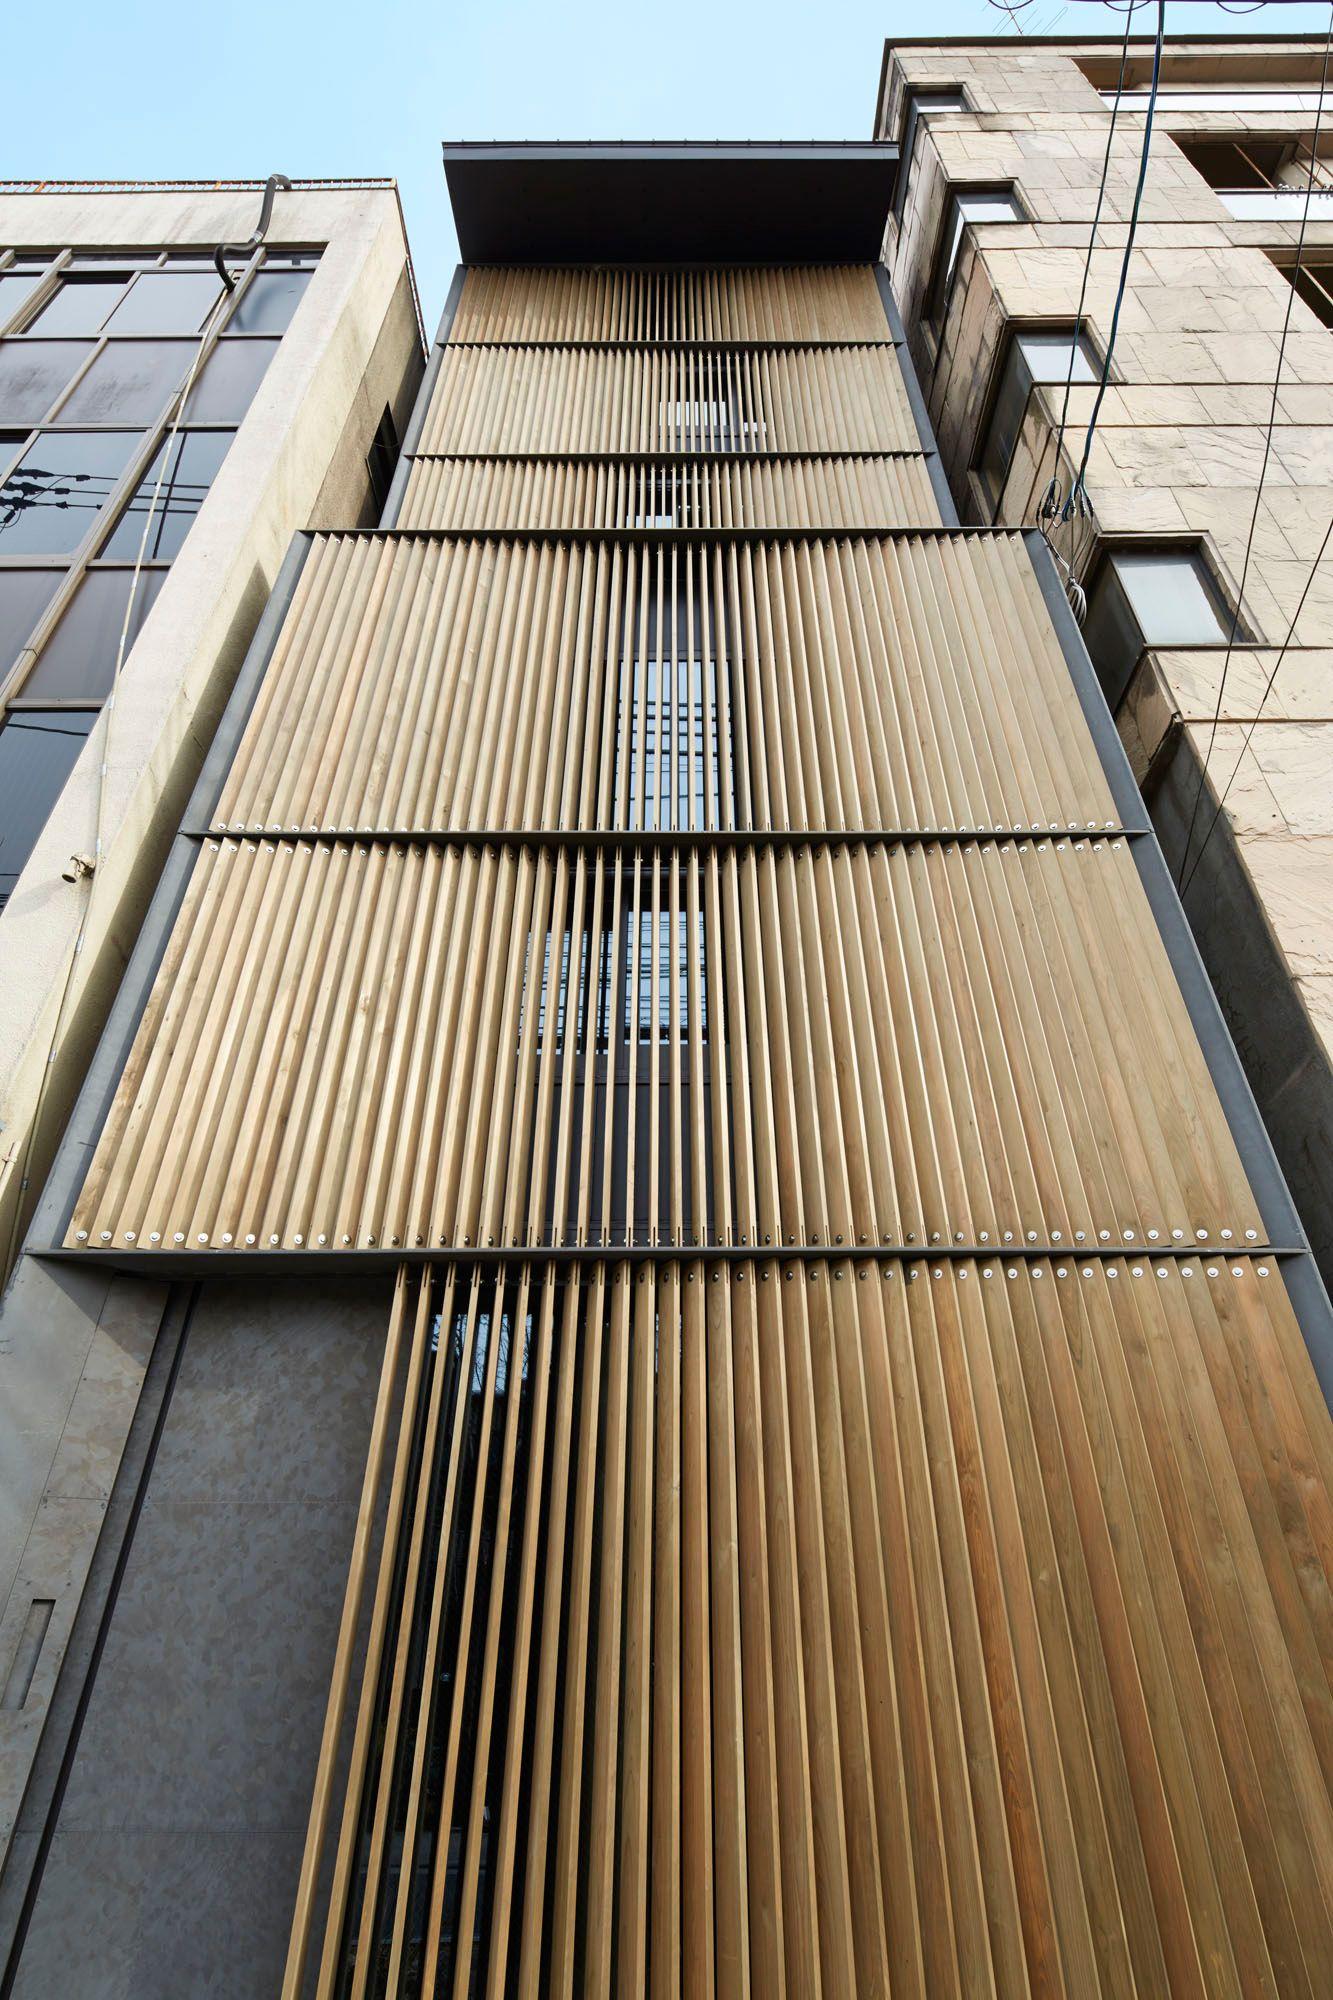 Holzfassade Detail vertikal interpretiert k8 in kioto vertikal architektur und fassaden